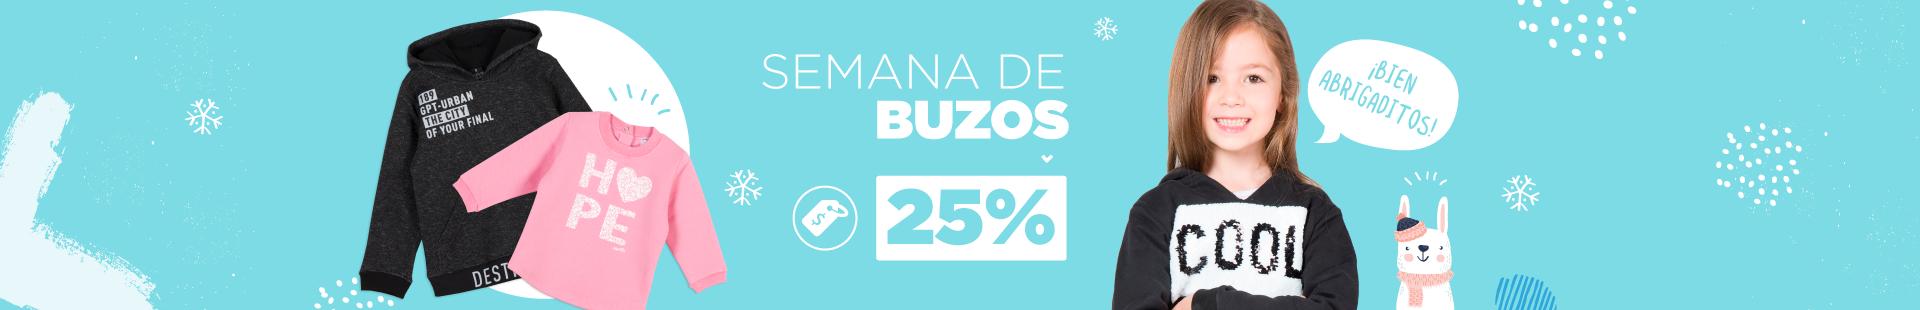 Semana Buzos 25%